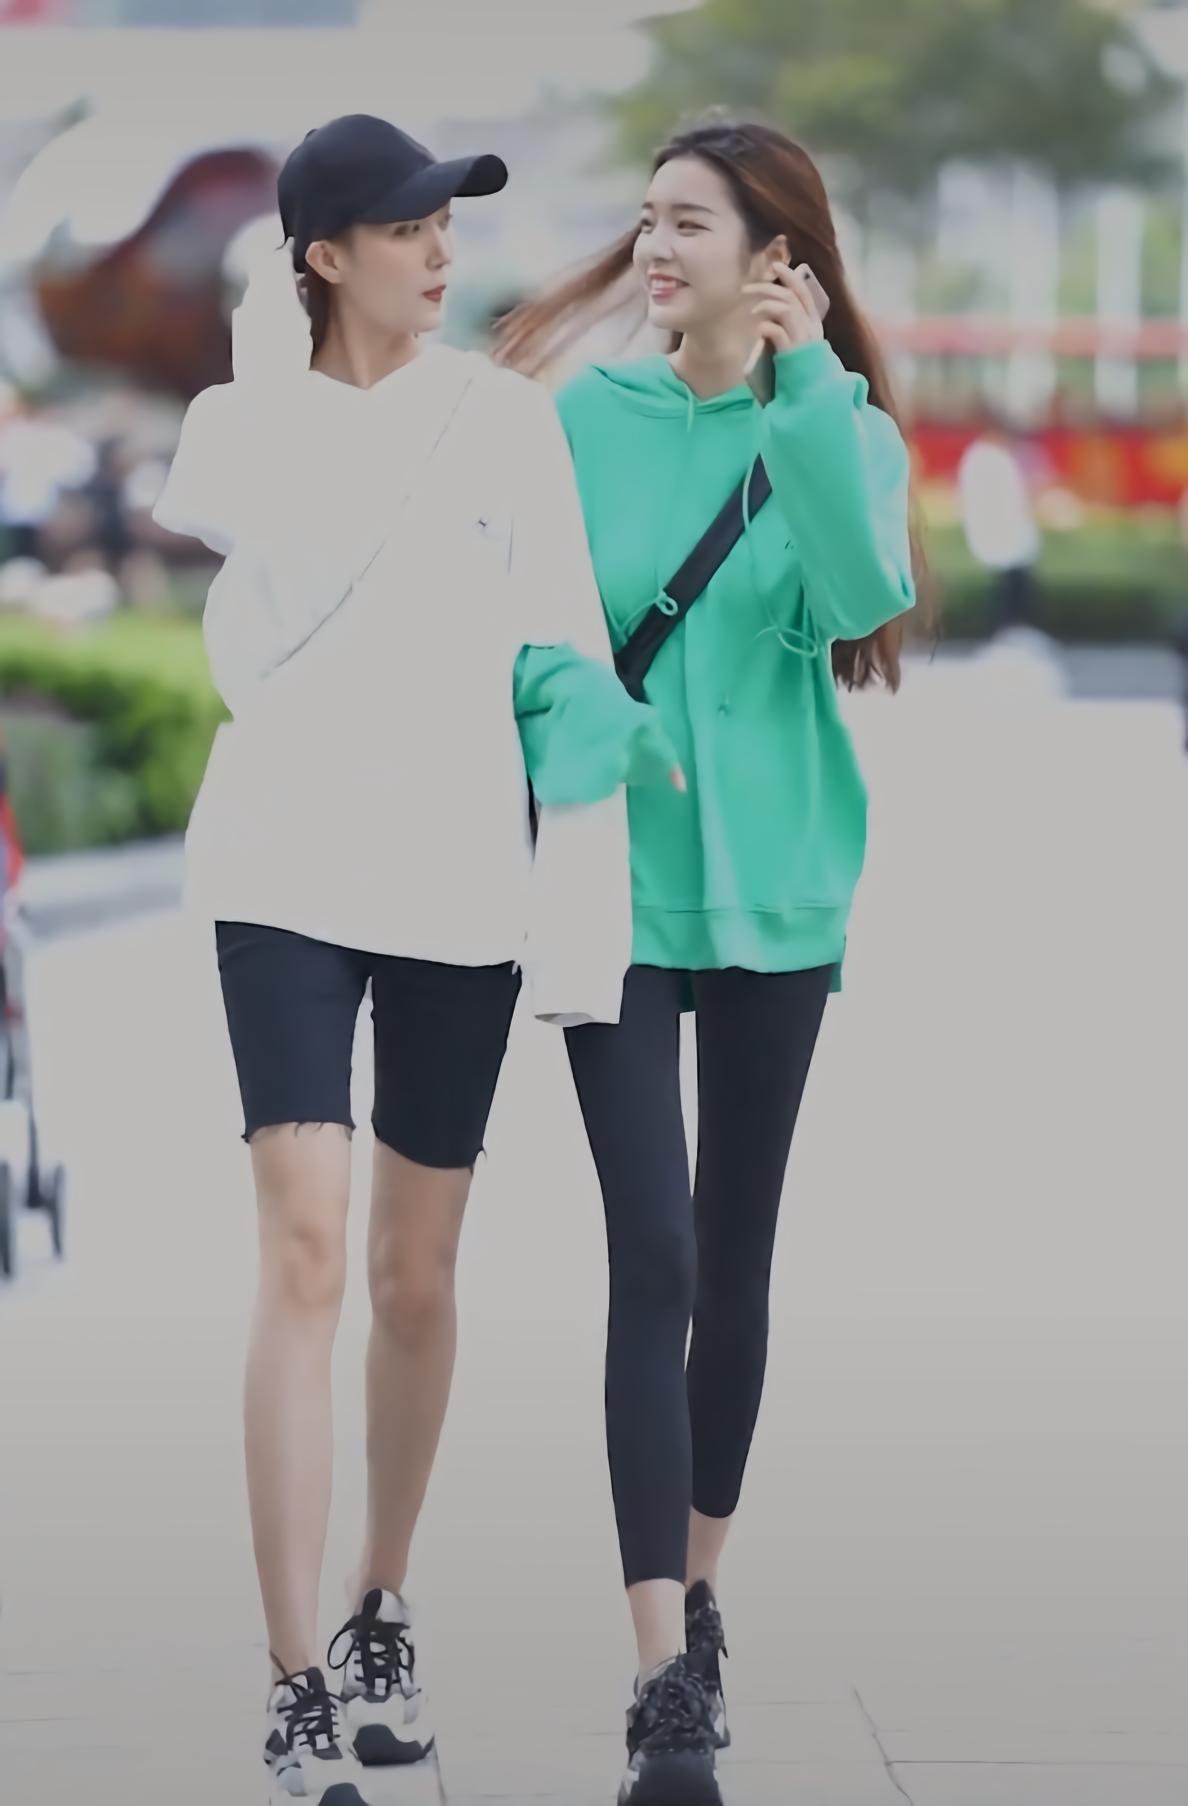 """闺蜜俩穿同款连帽卫衣出街,她因配上""""无痕木炭裤"""",腿细了一圈"""